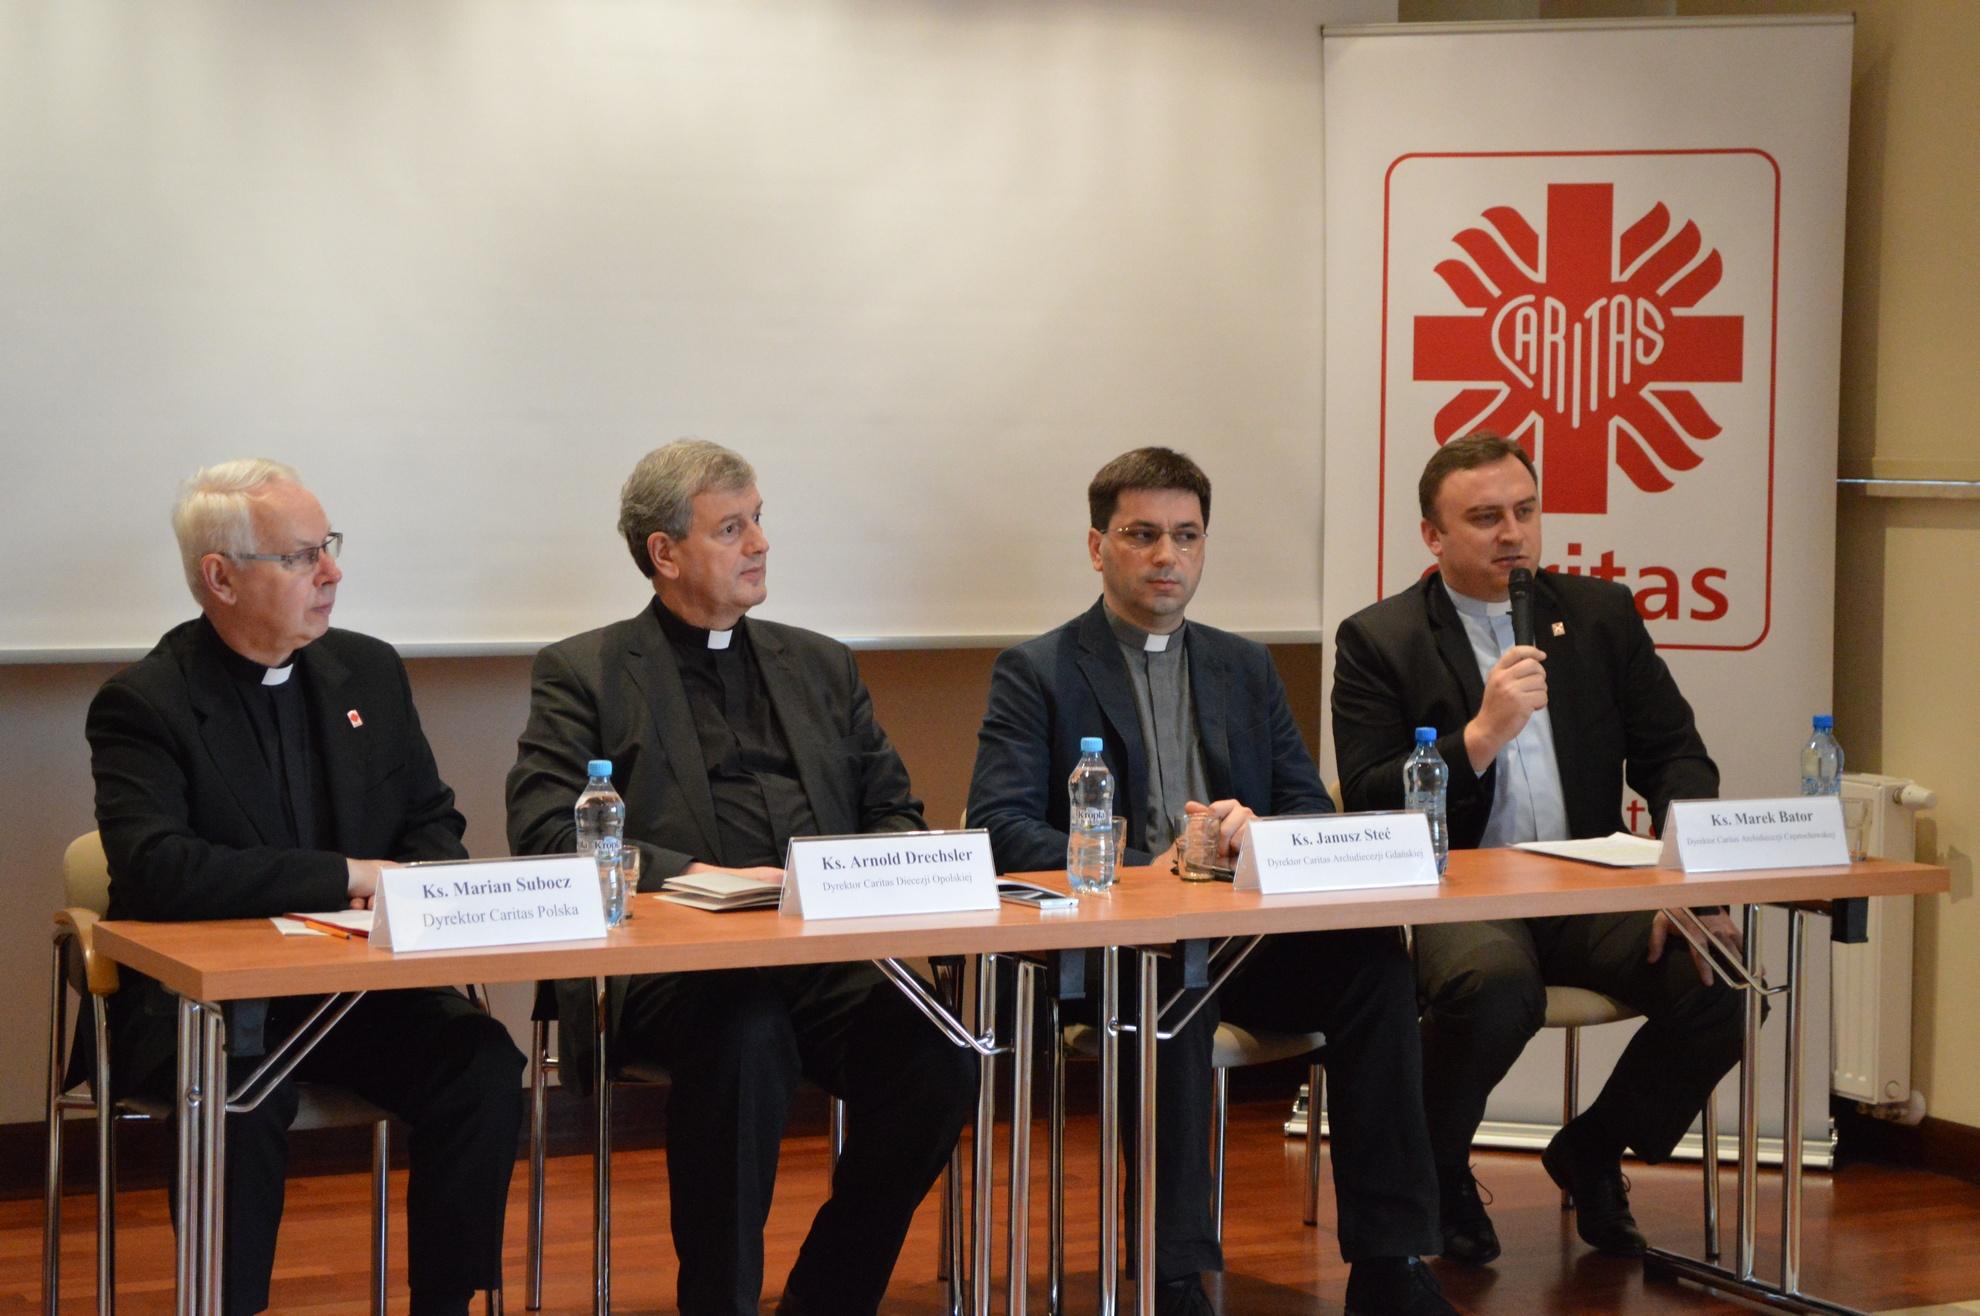 Rok Caritas - konferencja 14 stycznia 2015